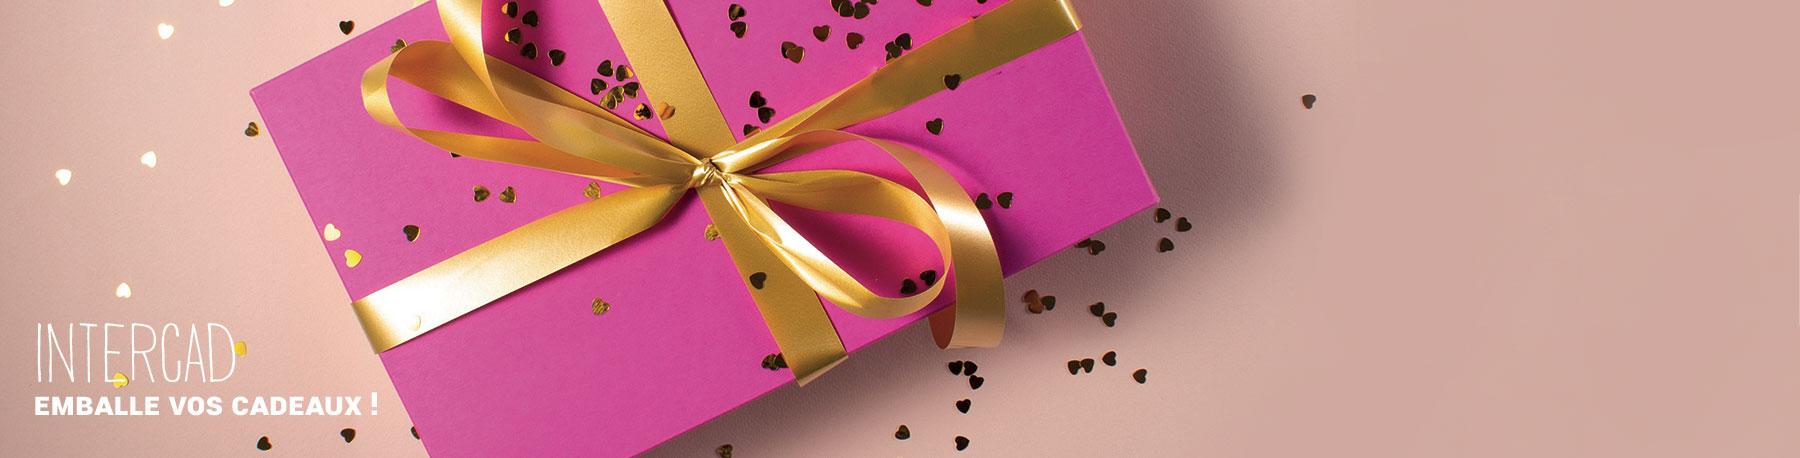 Intercad emballe tous vos cadeaux